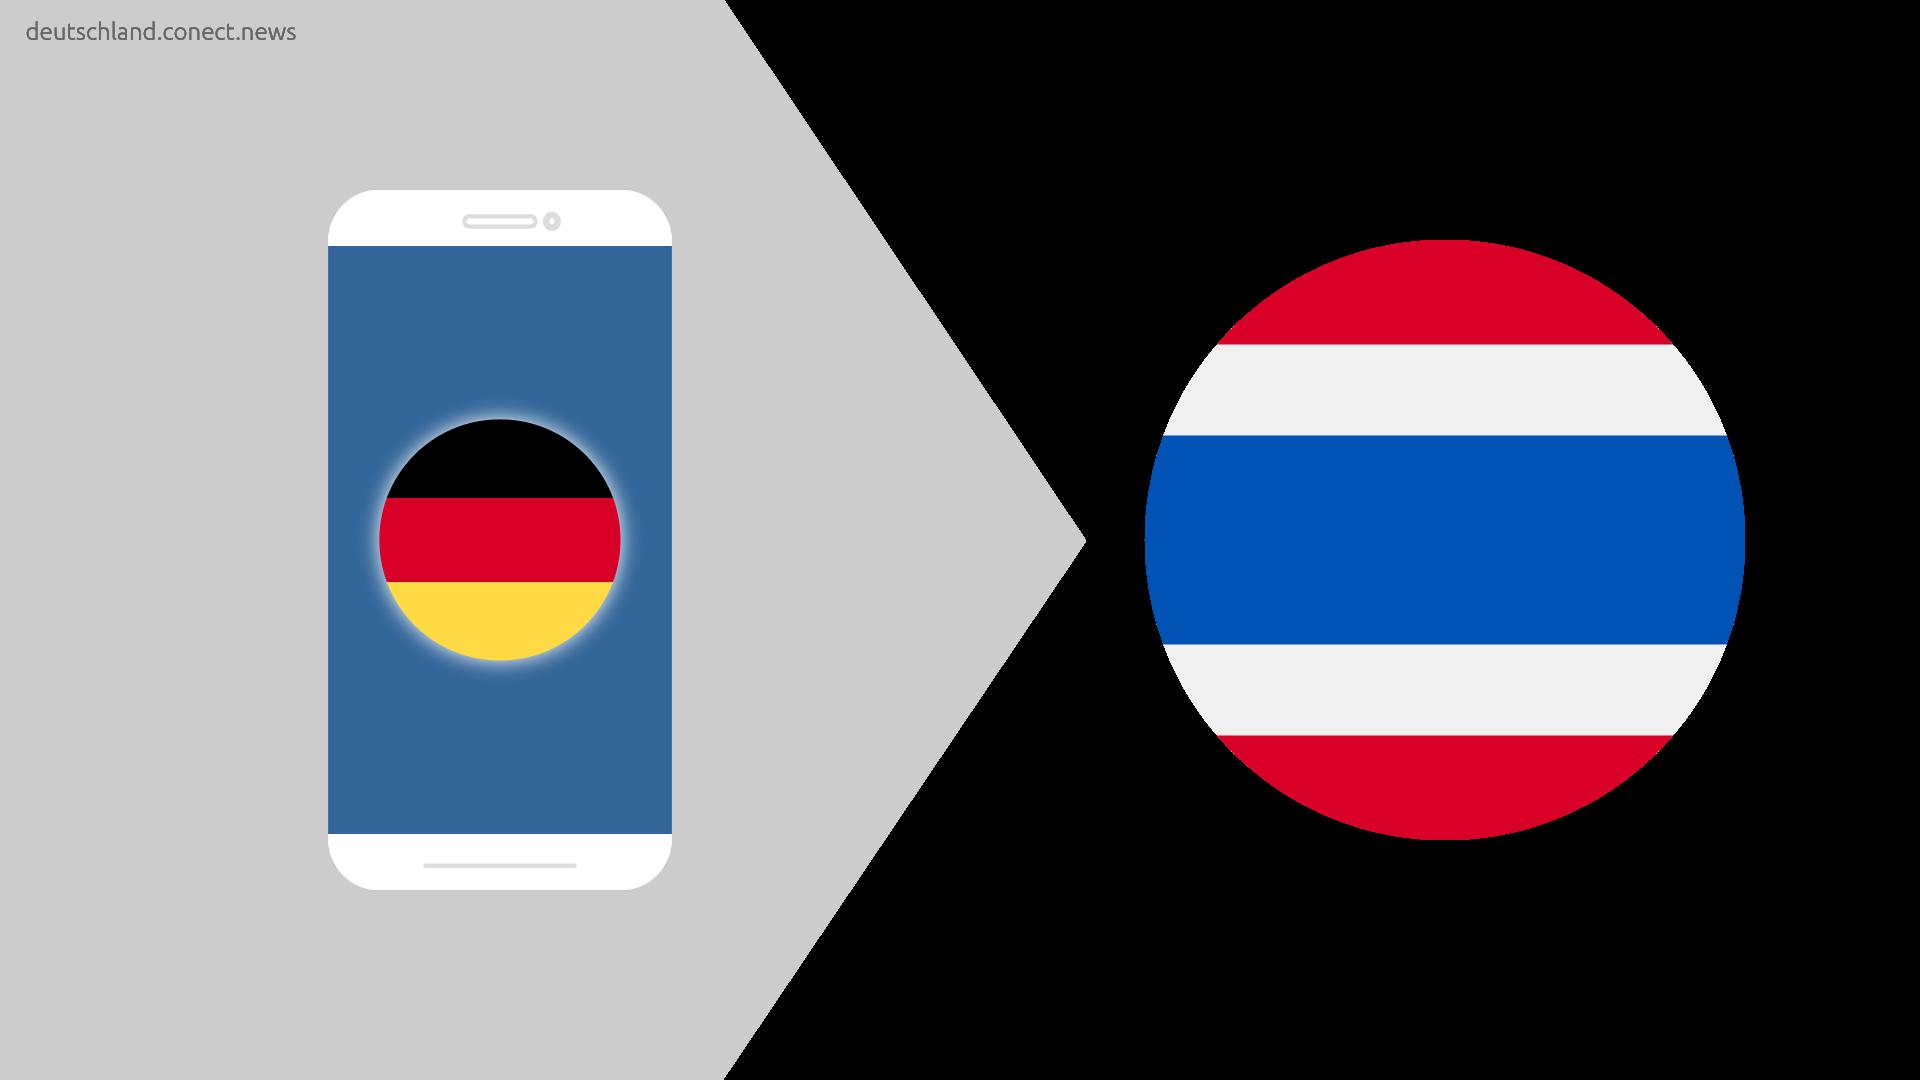 Günstiger von Deutschland nach Thailand @conetc_news